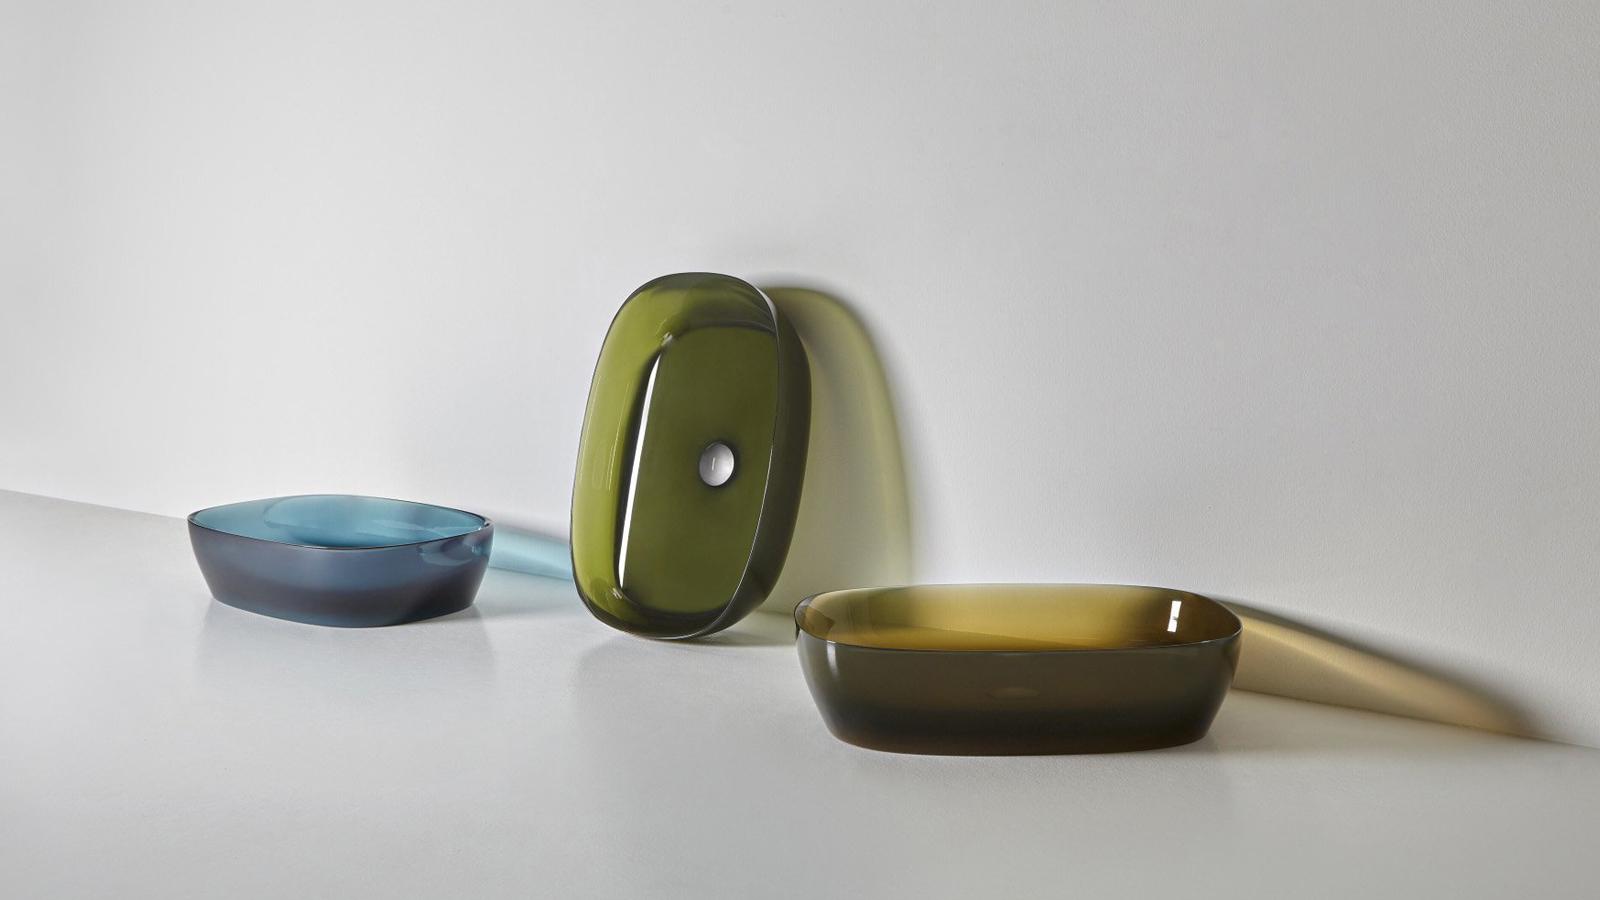 Négyszögletes forma, legömbölyített sarkokkal kívül és belül is – a Senso lágy, természet által inspirált formája tökéletes arányokkal rendelkezik, eleganciát és könnyedséget sugároz. A SensoC változat, mely a képen látható, a gyártó által kifejlesztett Flumood anyagból készül, mely több színárnyalatban is elérhető.